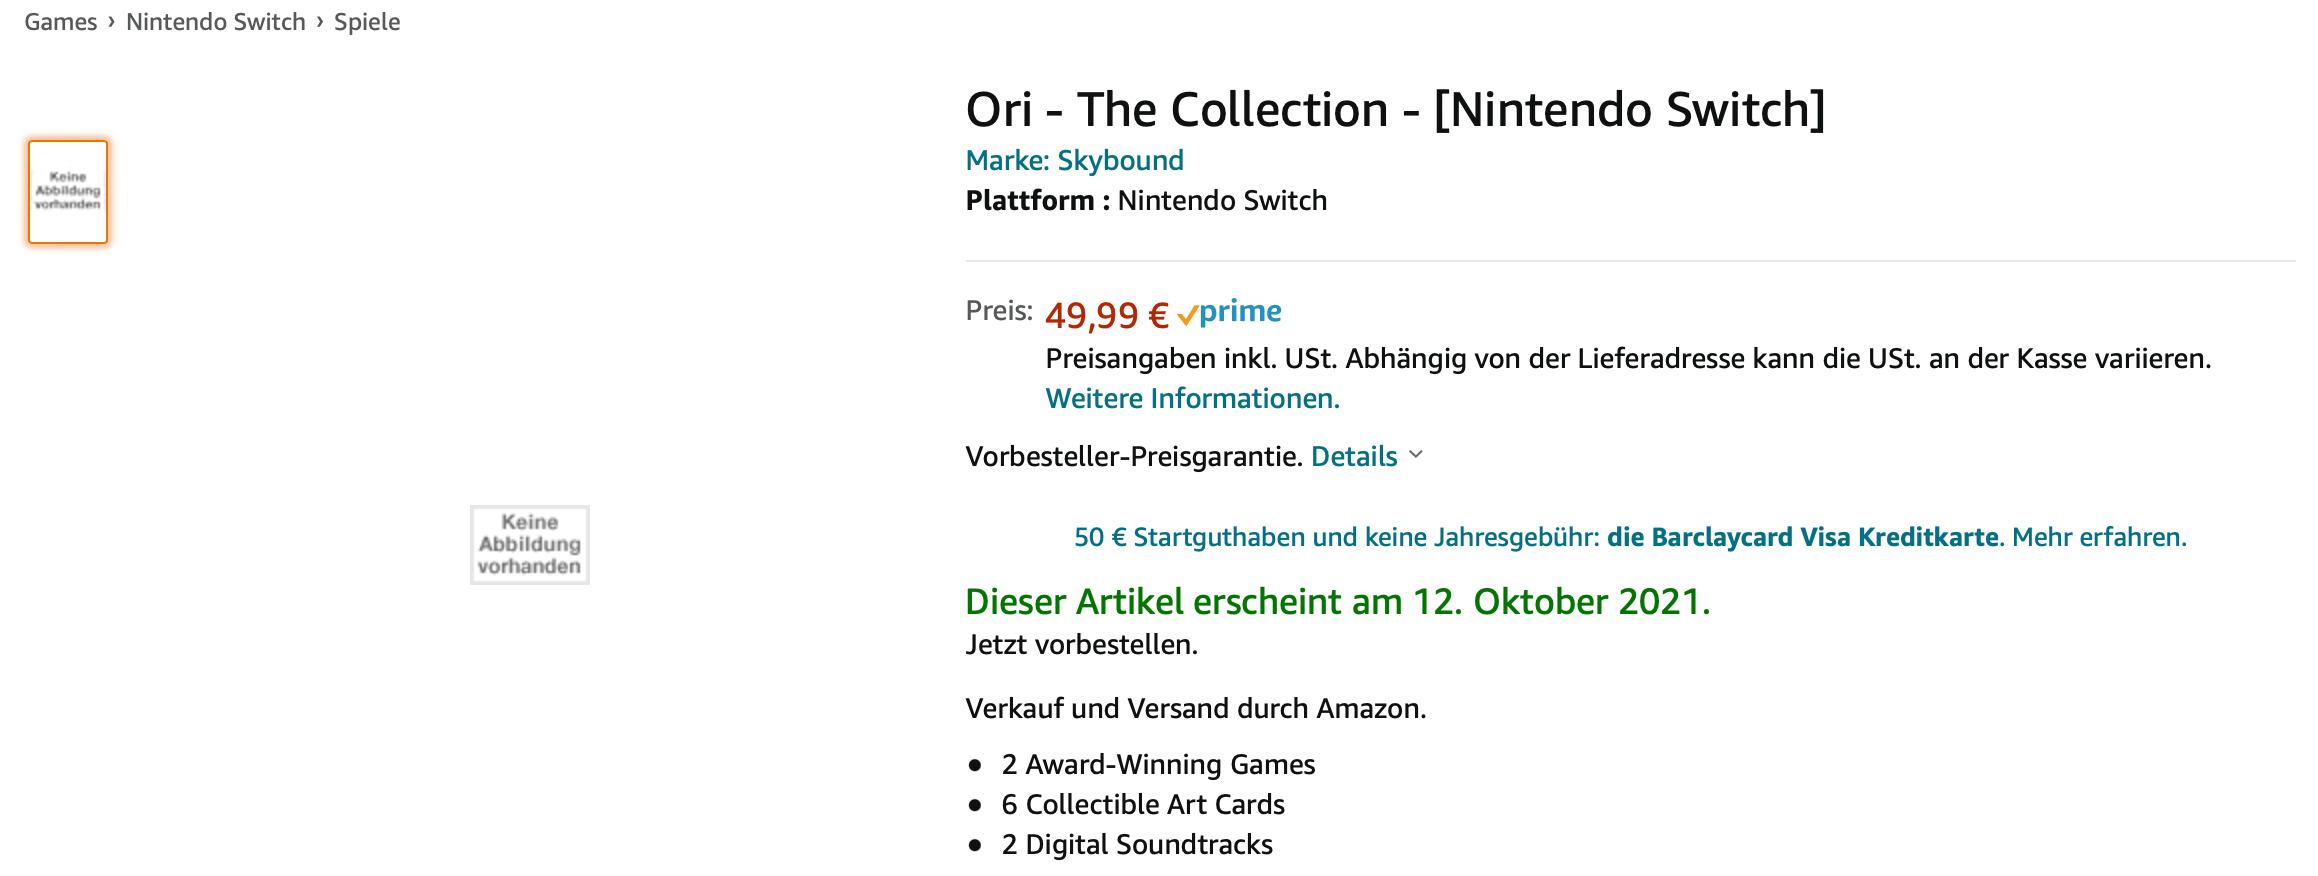 Amazon listet Ori: The Collection als Handelsversion für die Nintendo Switch